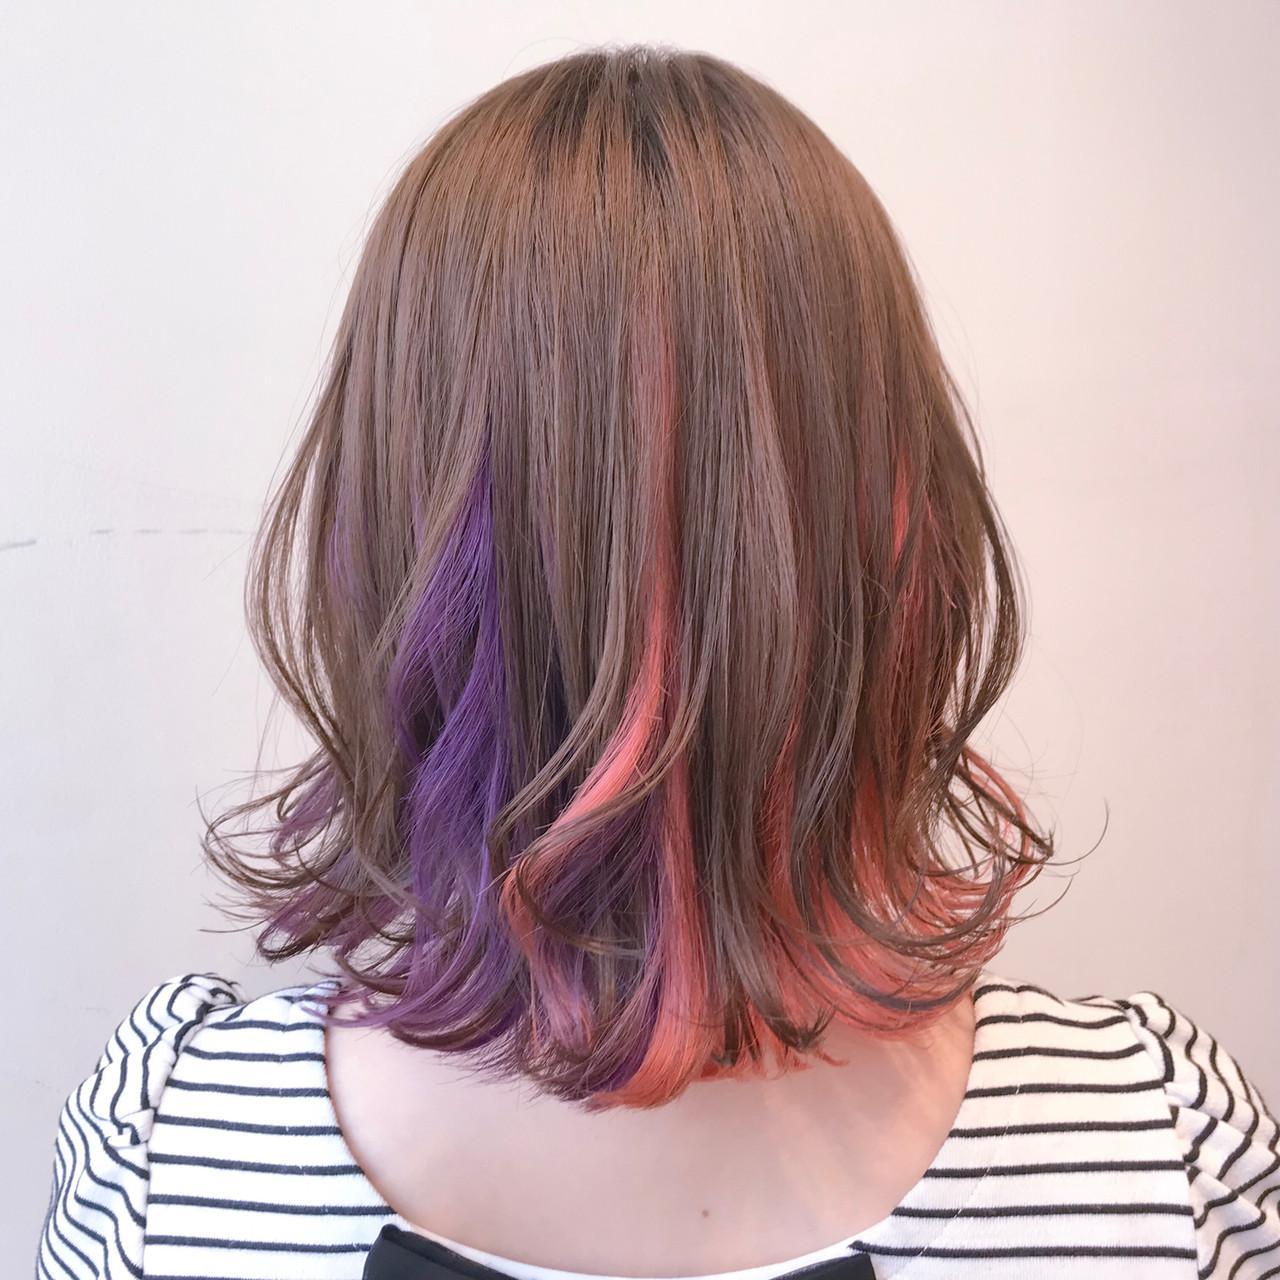 ミルクティーグレージュ インナーカラー ピンクベージュ フェミニン ヘアスタイルや髪型の写真・画像 | 村西 郁人 / rue